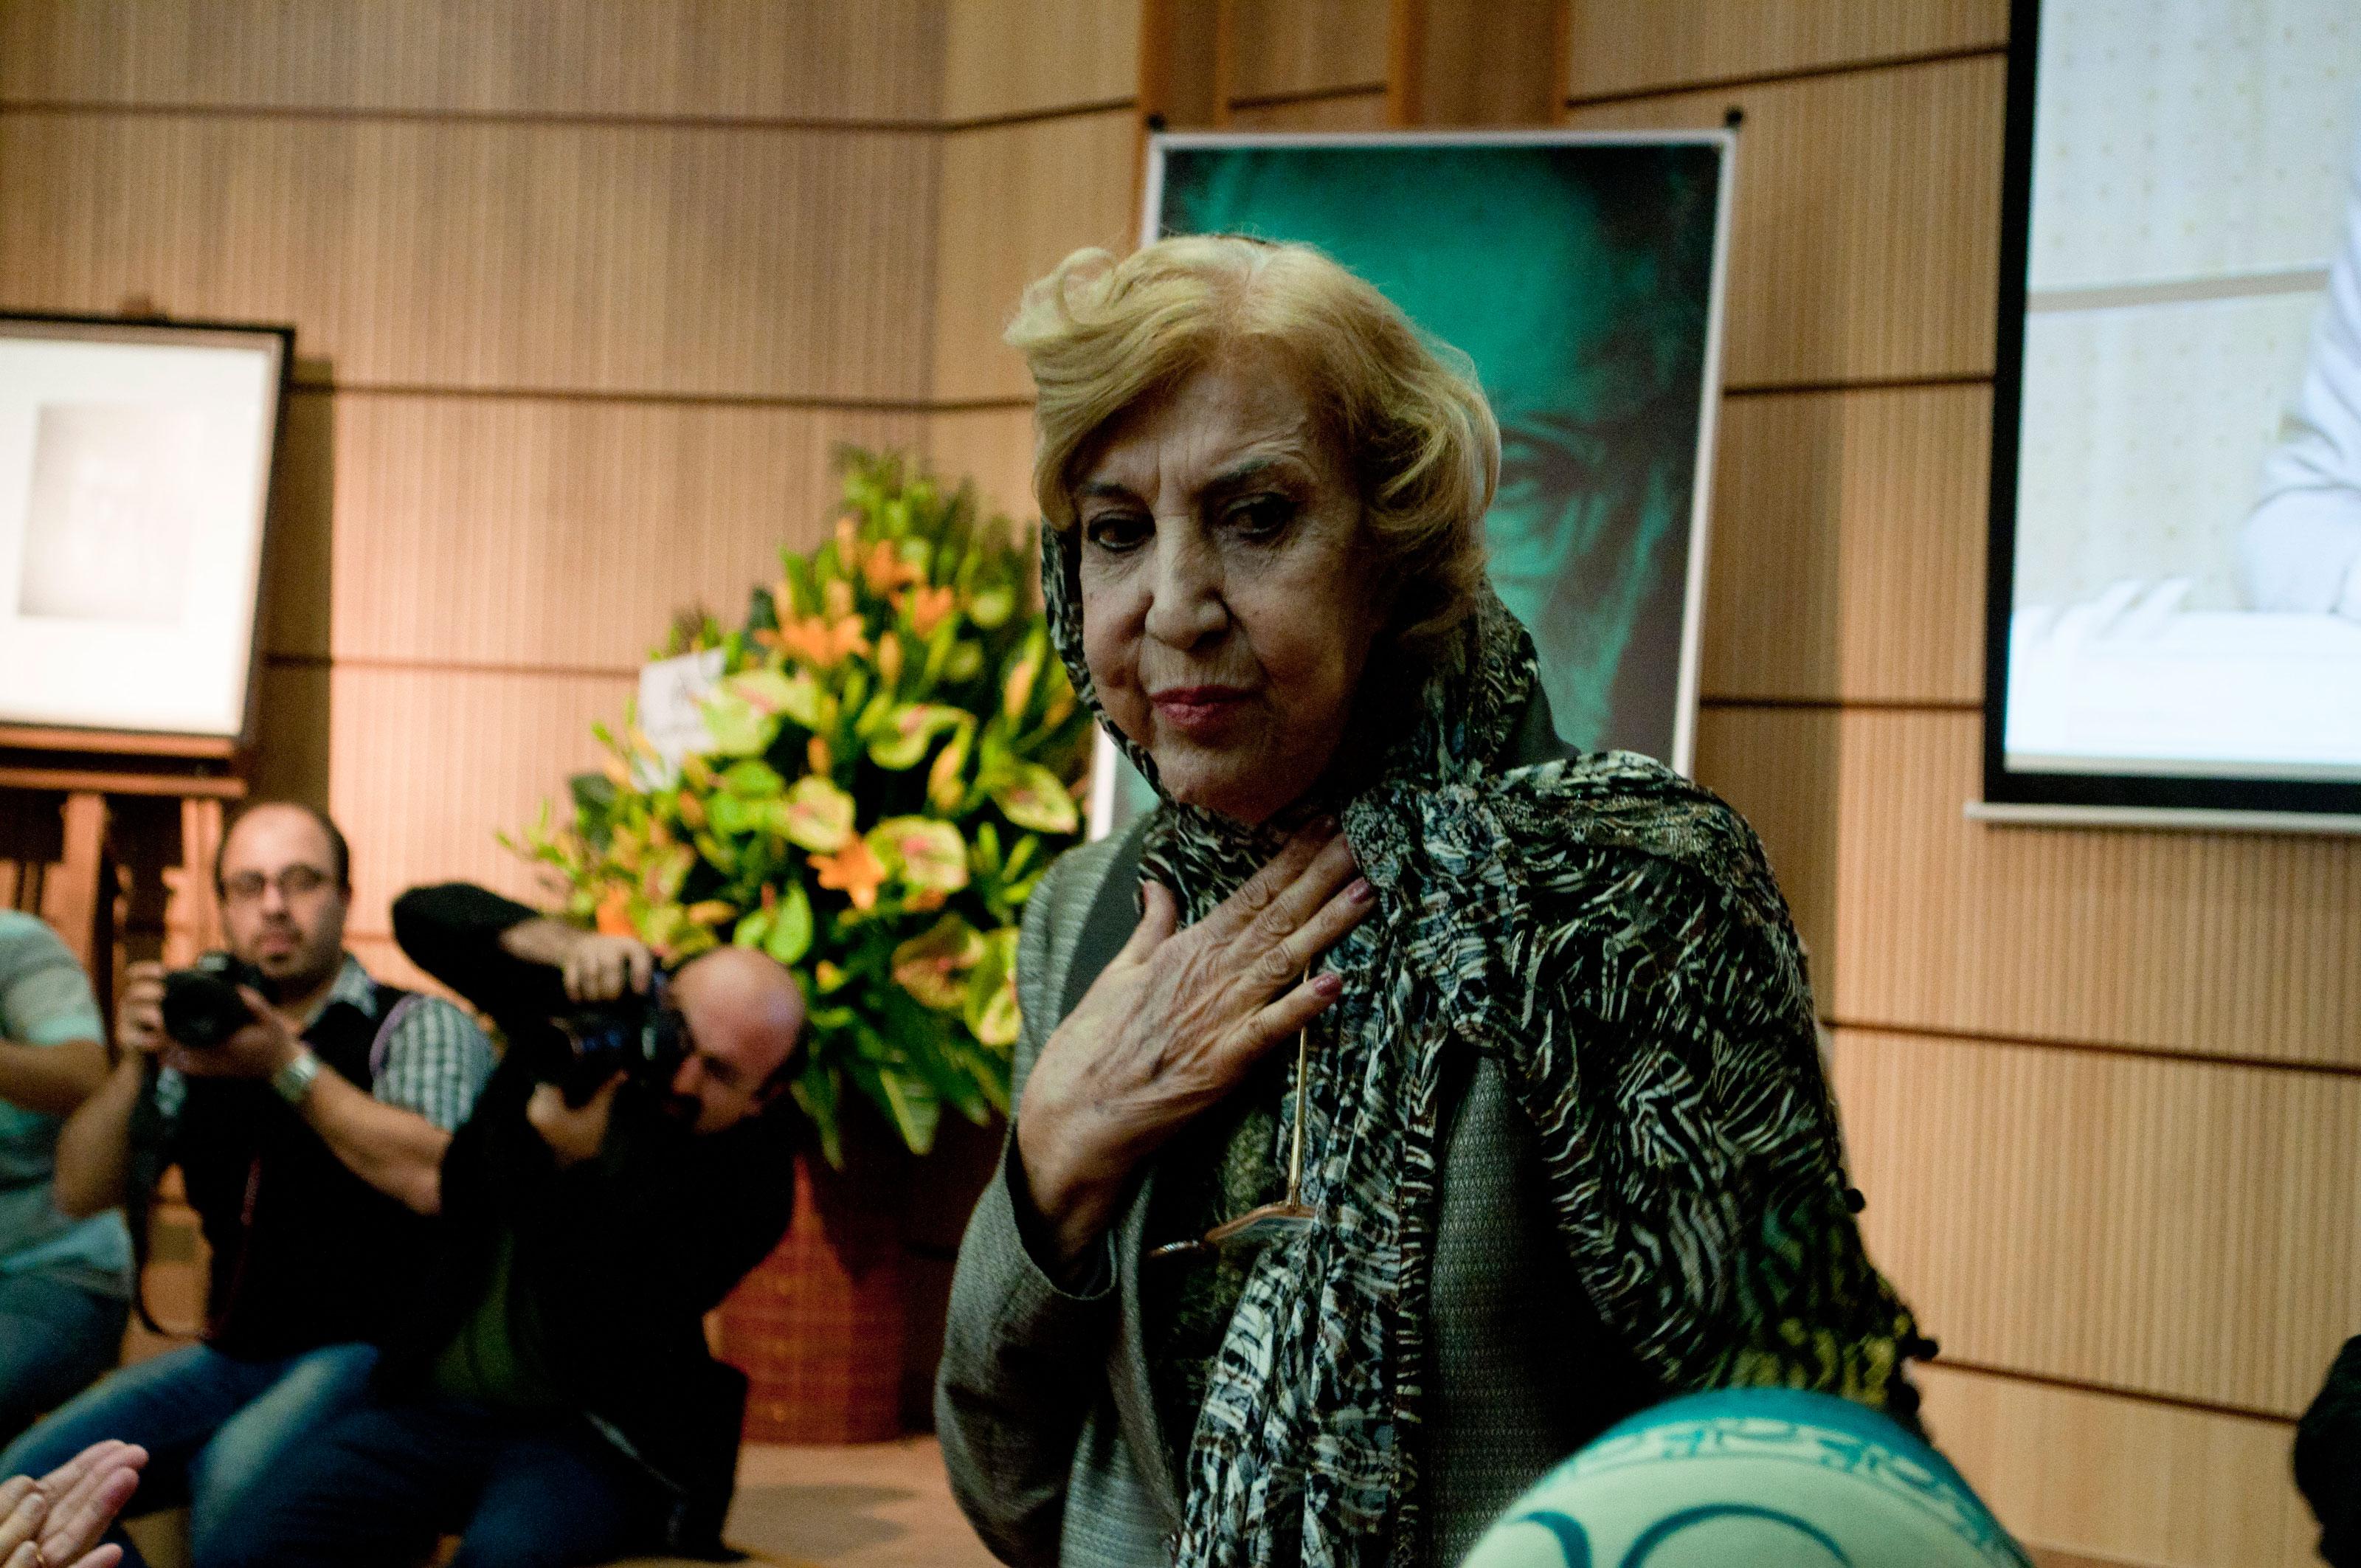 کف و سوت در مراسم تشییع و تدفین سیمین بهبهانی در روز شهادت امام صادق(ع) + فیلم